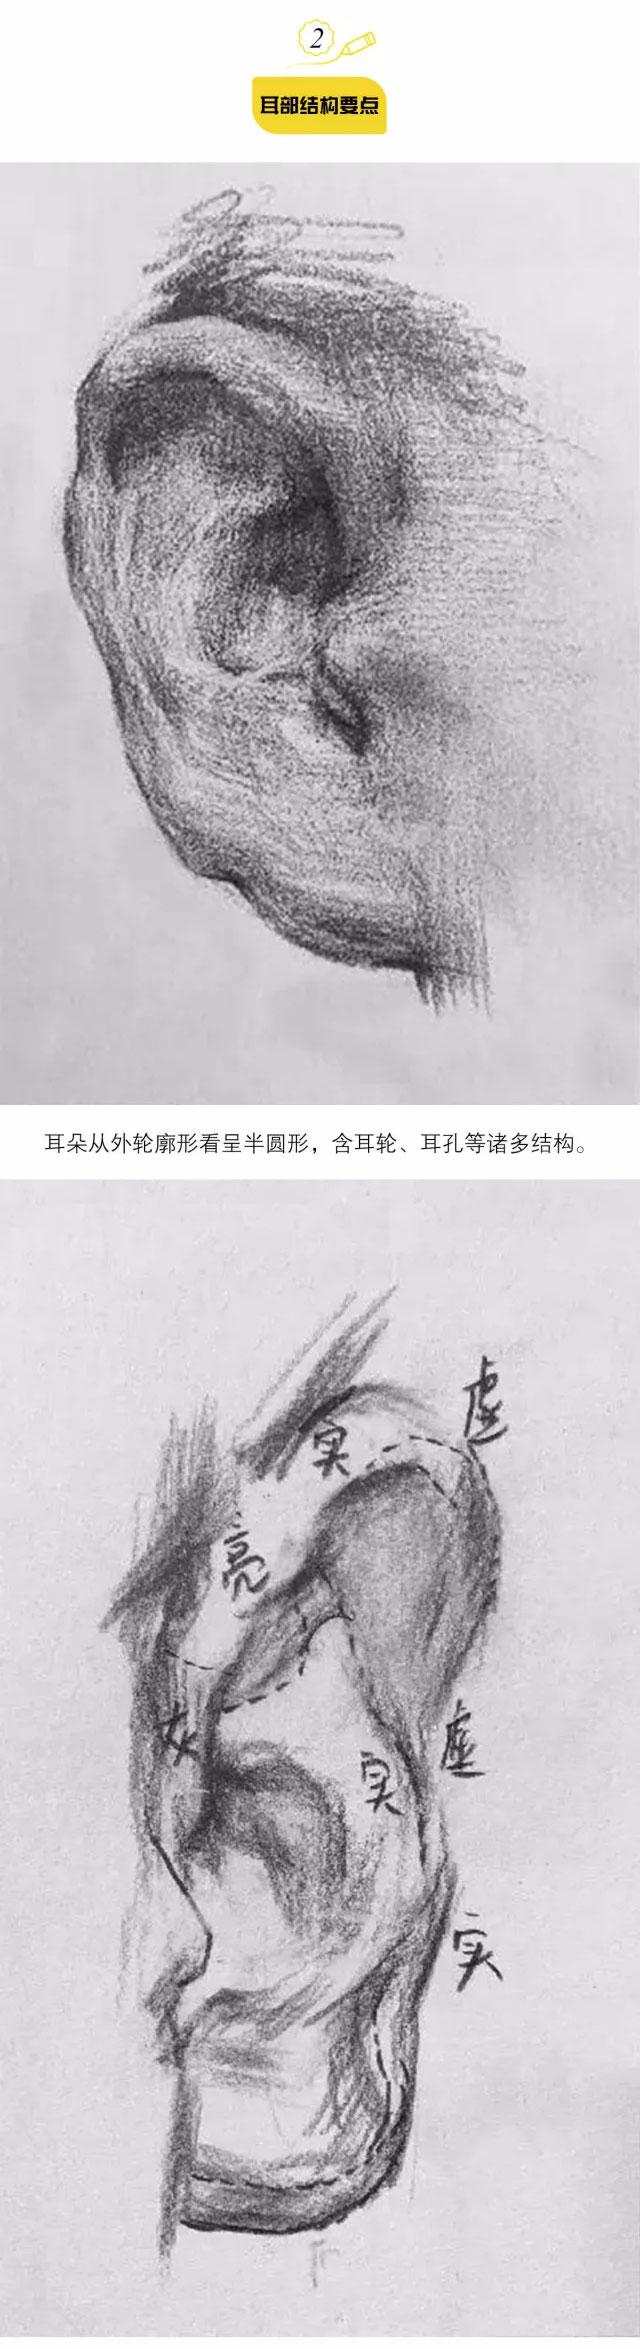 素描头像之五官的结构画法 - 51美术高考网